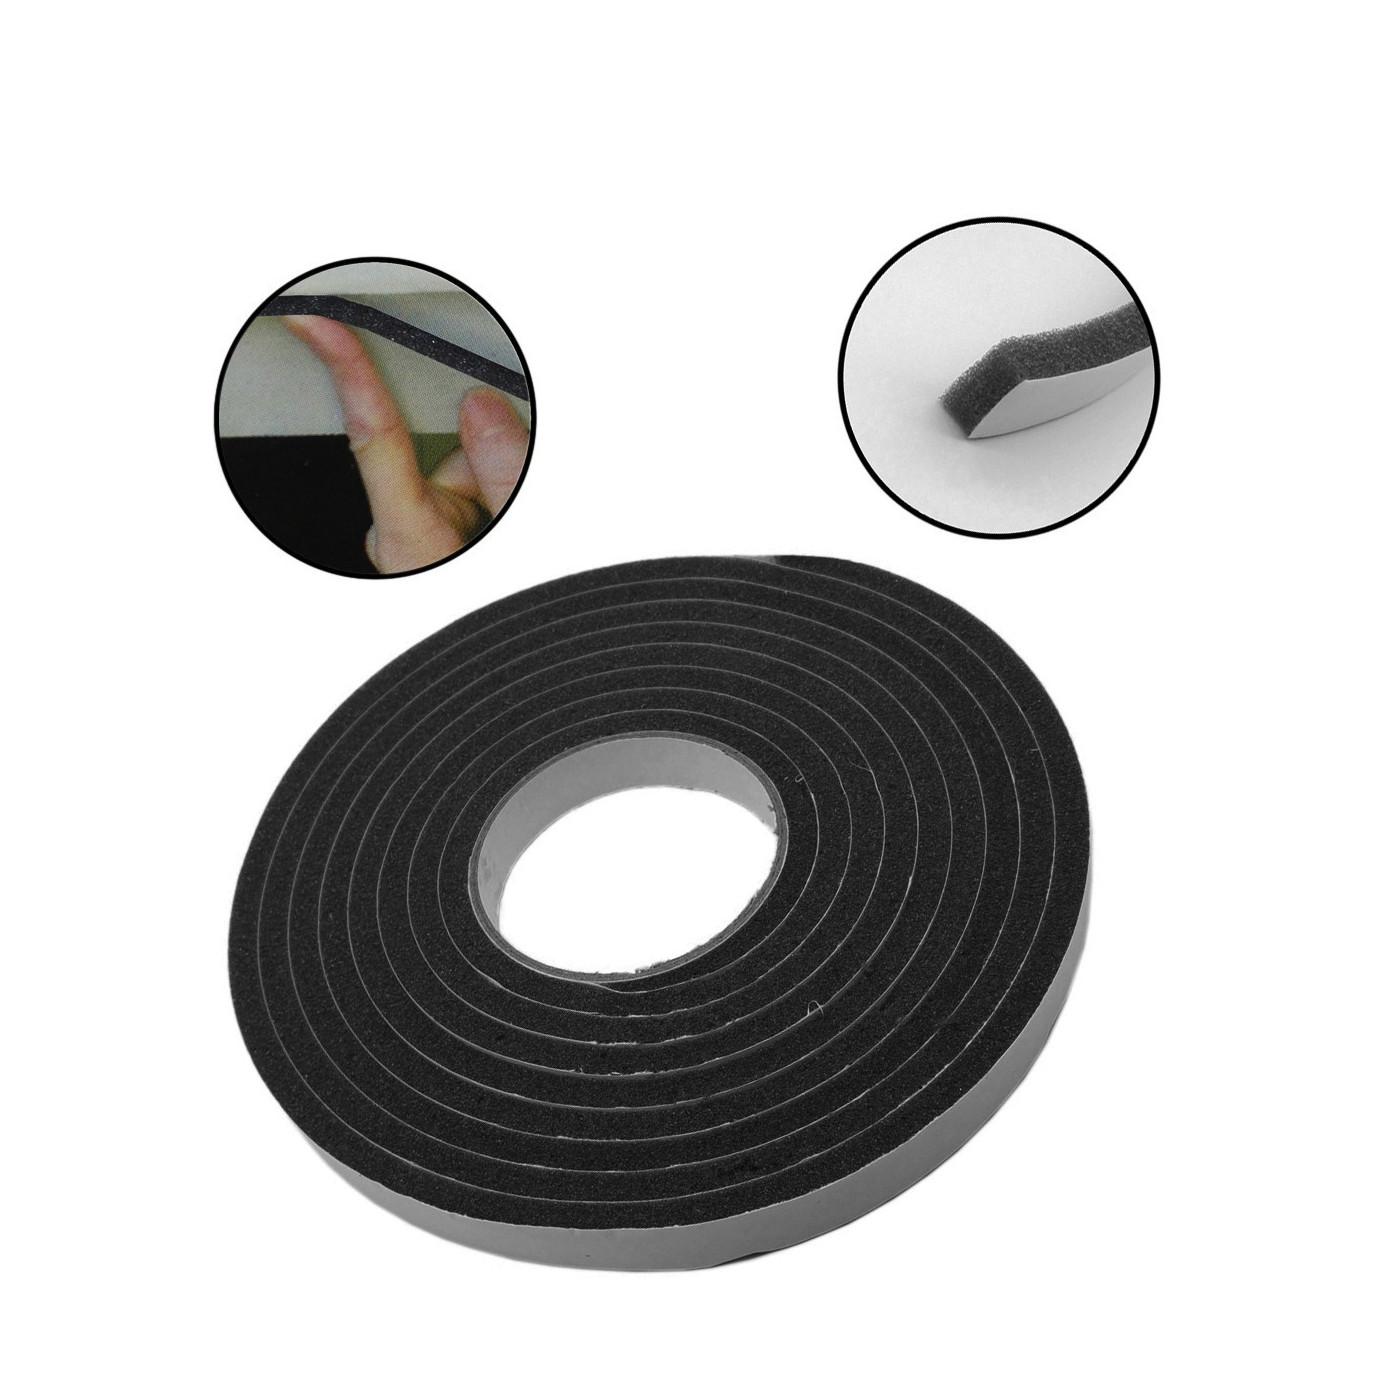 12 Meter 18 mm Dichtungsband (grau/schwarzer Schaum)  - 1